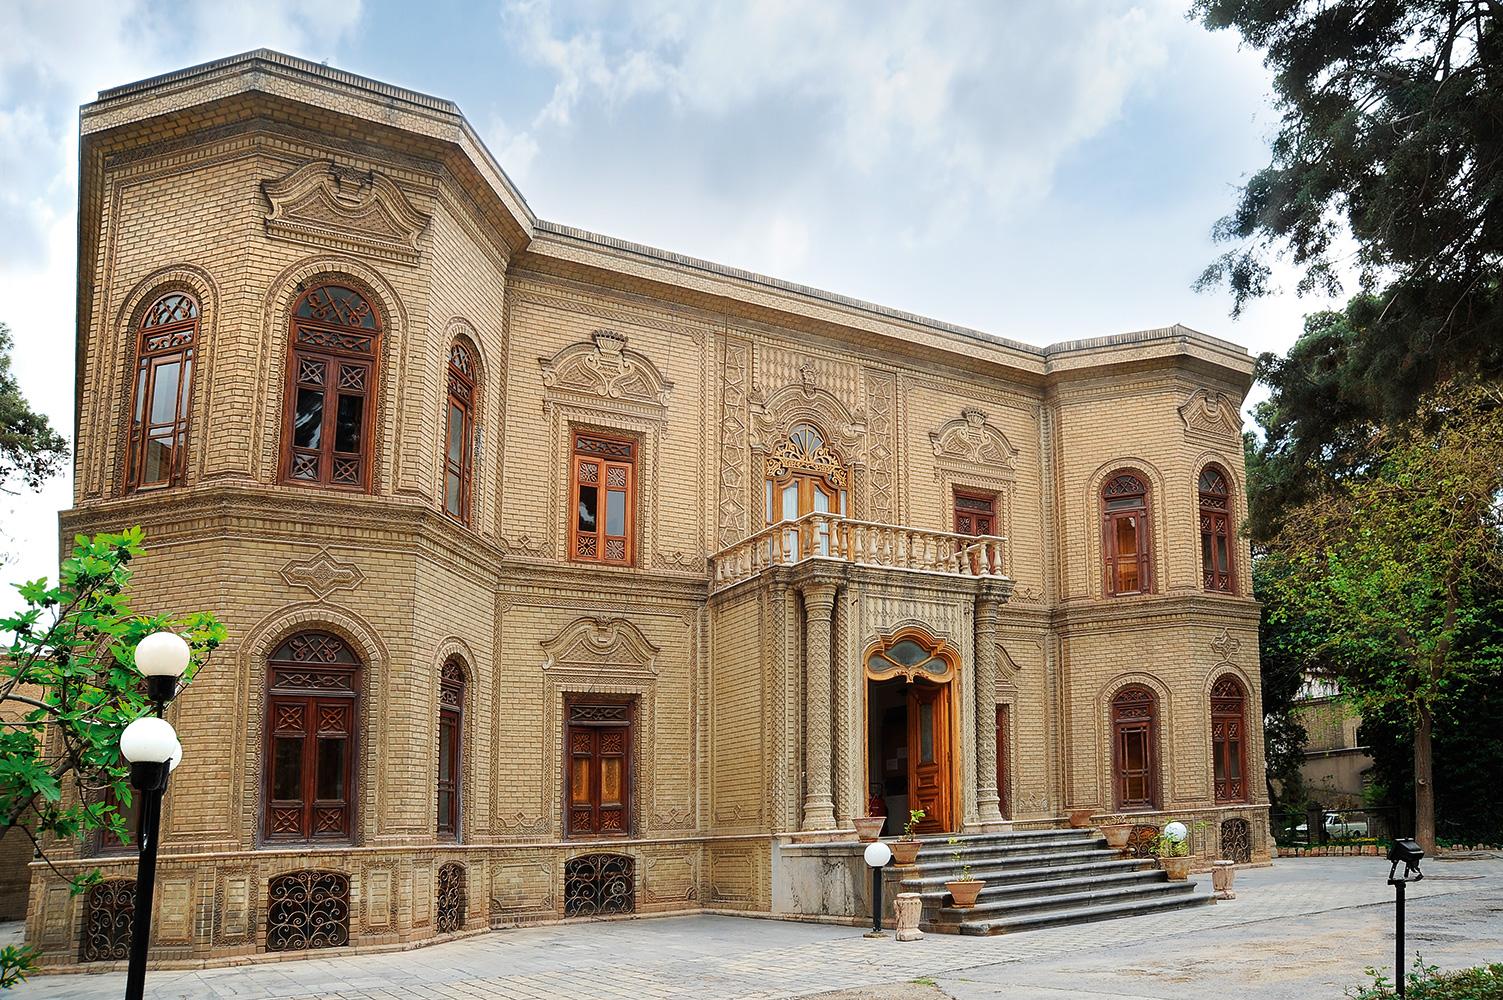 نمایشگاه انفرادی سرامیک و شیشه در موزه آبگینه افتتاح شد